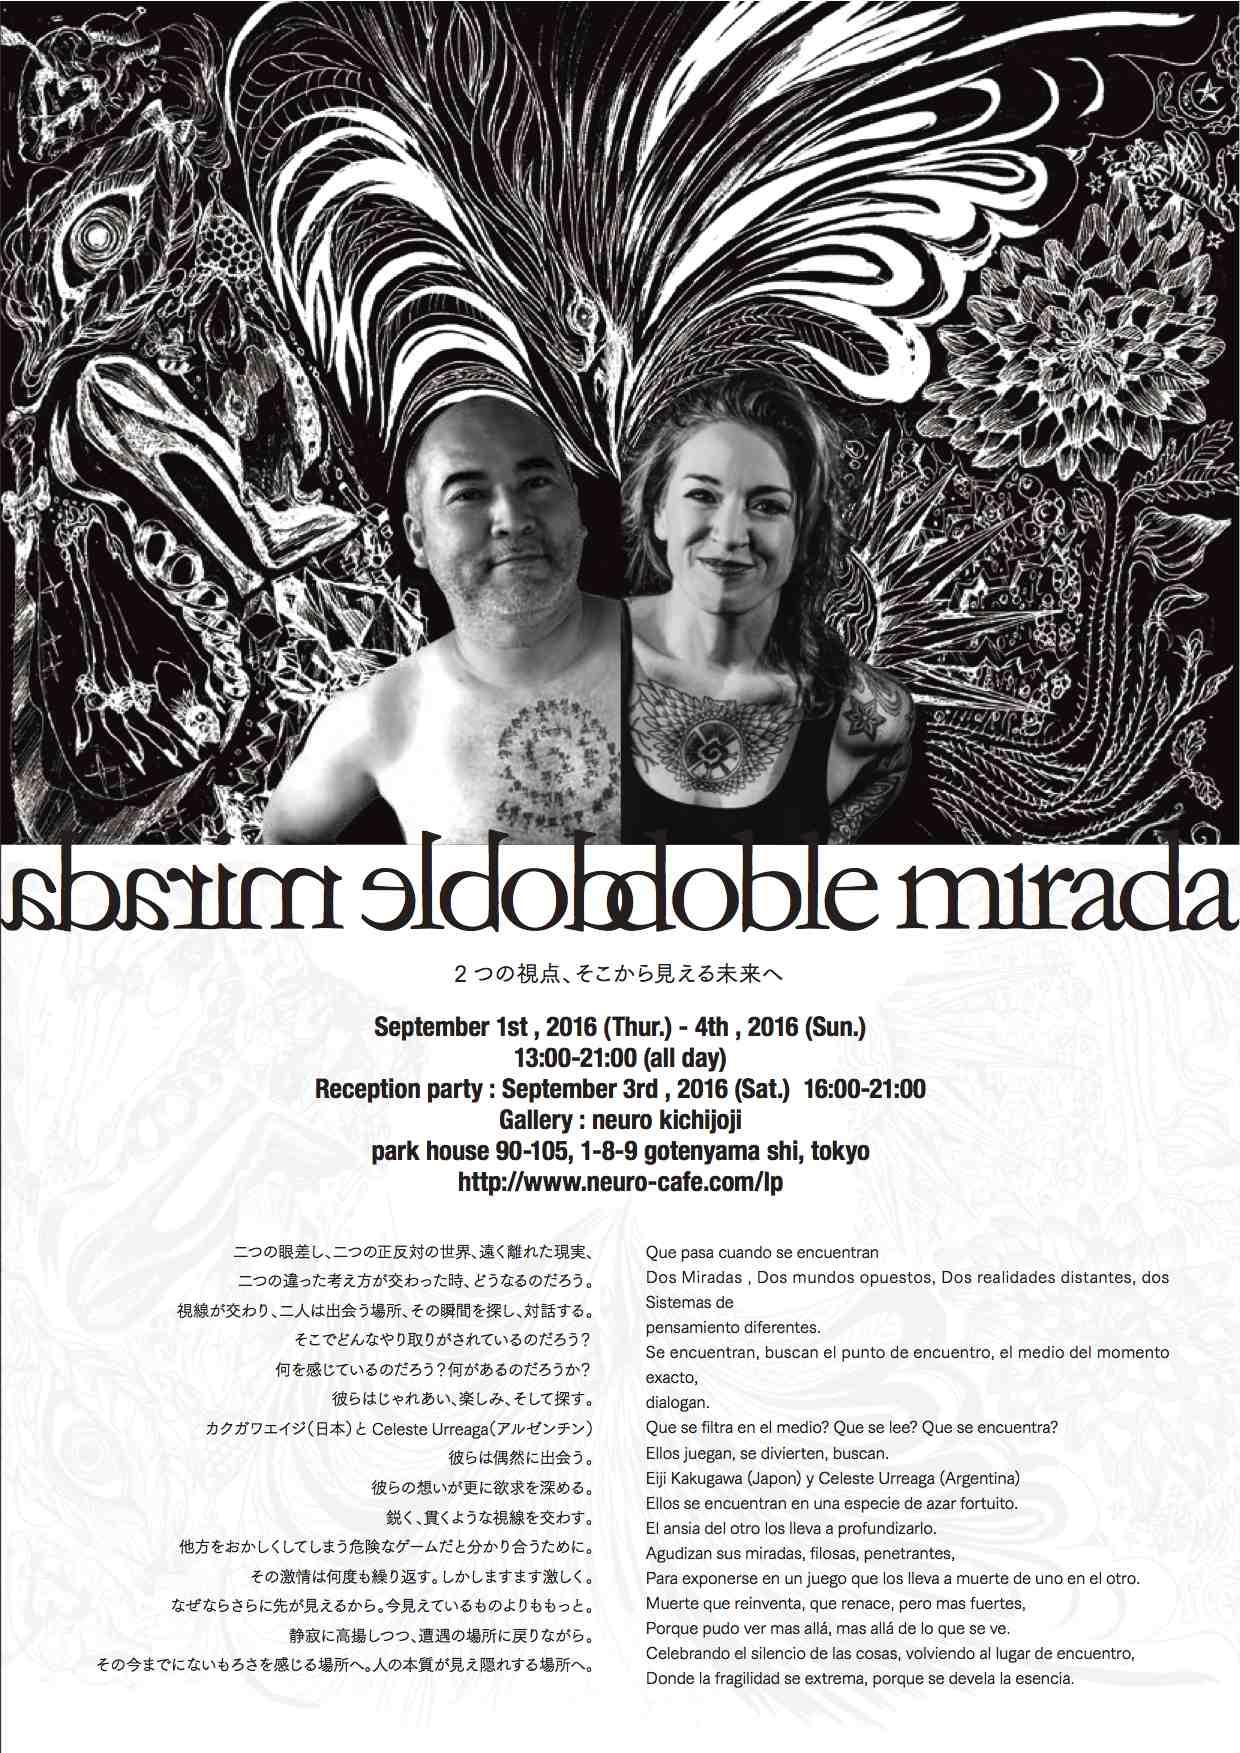 写真展チラシFlyer doble mirada_dm_A4 のコピー